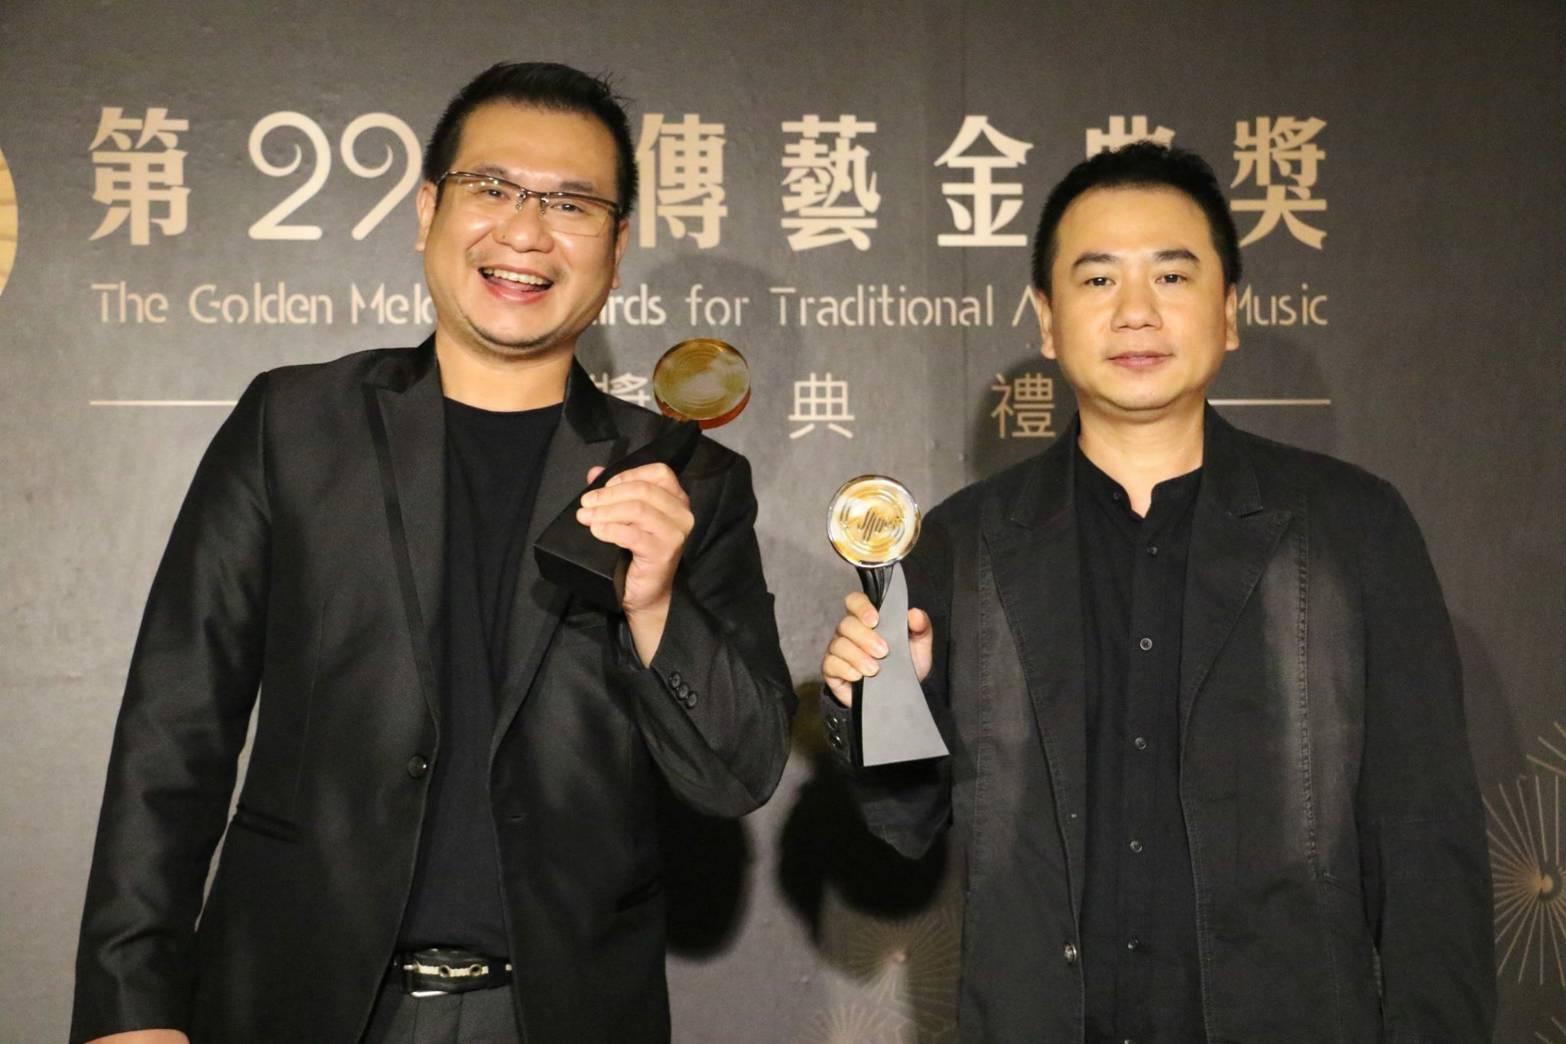 圖4真快樂掌中劇團《孟婆 ‧ 湯》獲頒「最佳團體年度演出獎」。.jpg